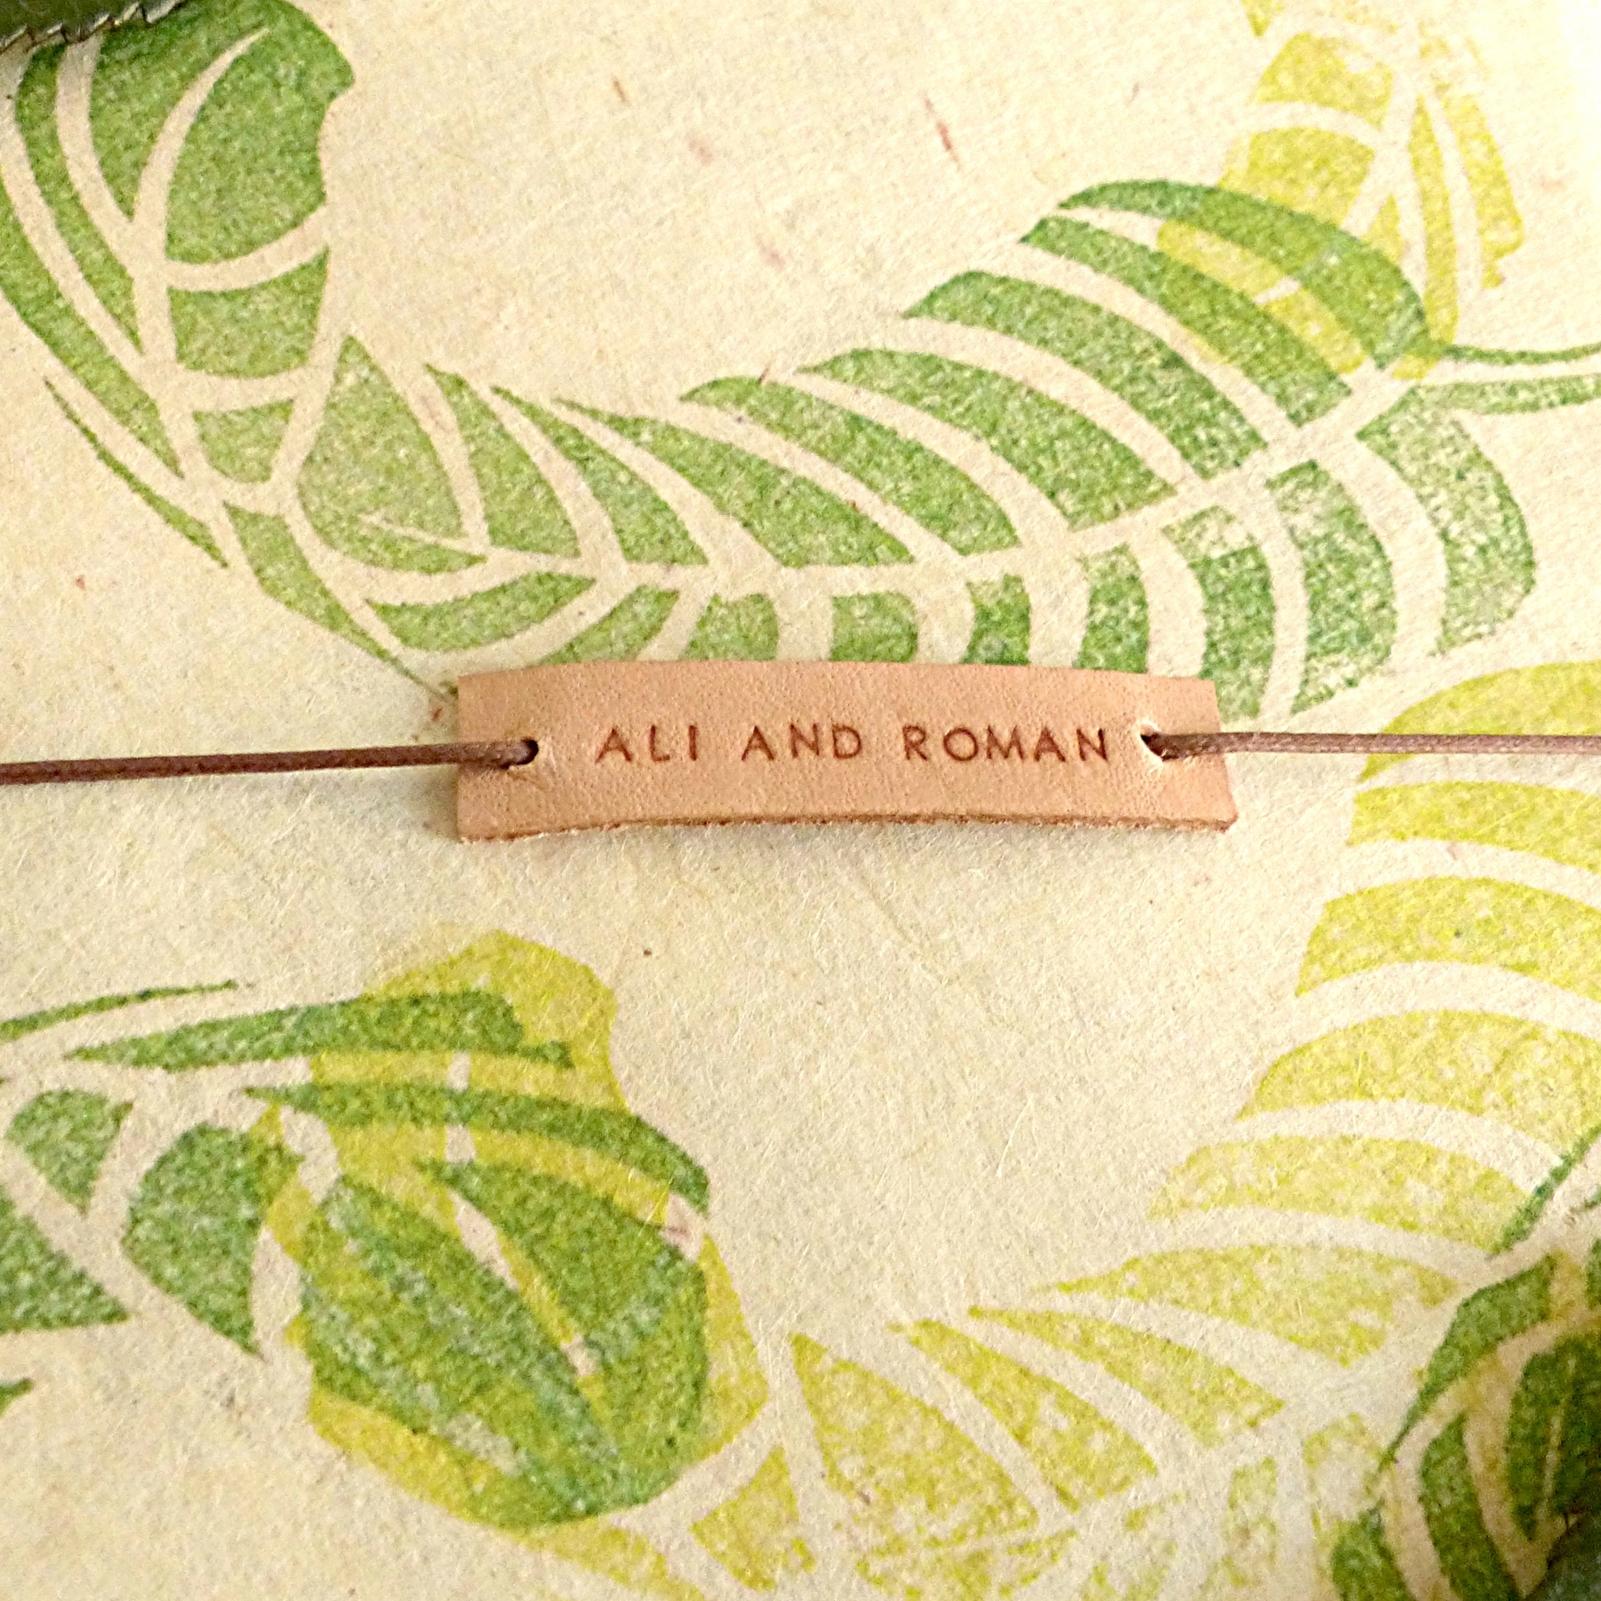 Alicia and Roman